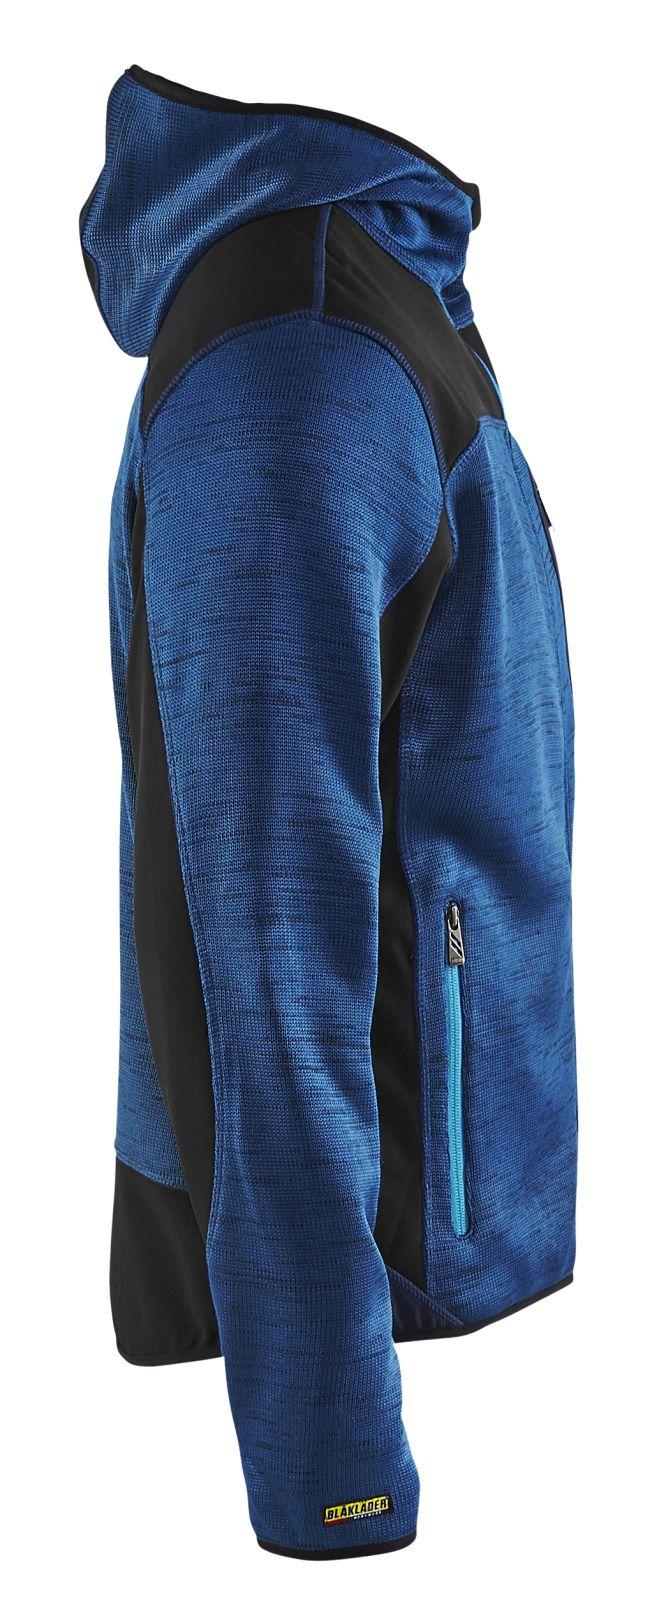 Blaklader Gebreide vesten 49302117 marineblauw-marineblauw(8889)